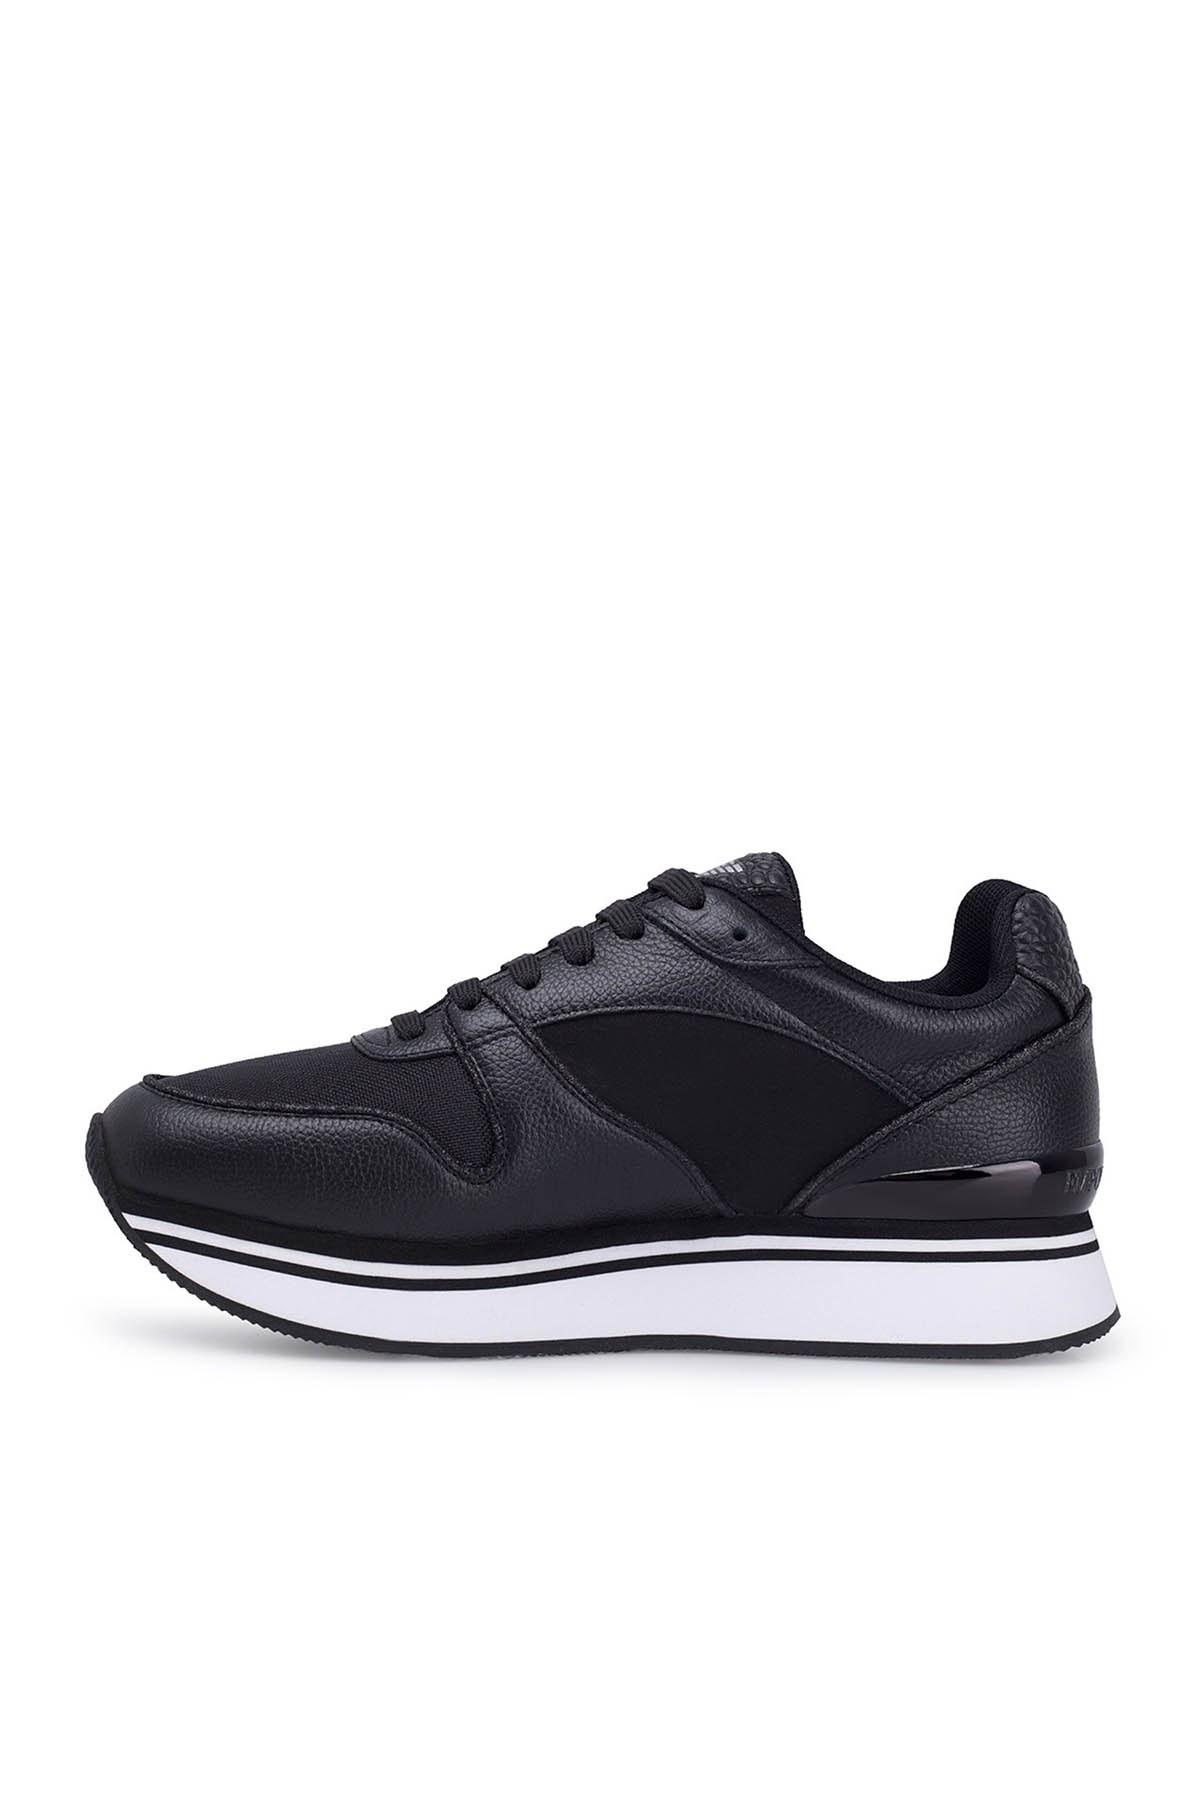 Emporio Armani Bayan Ayakkabı X3X046 XM308 C026 SİYAH